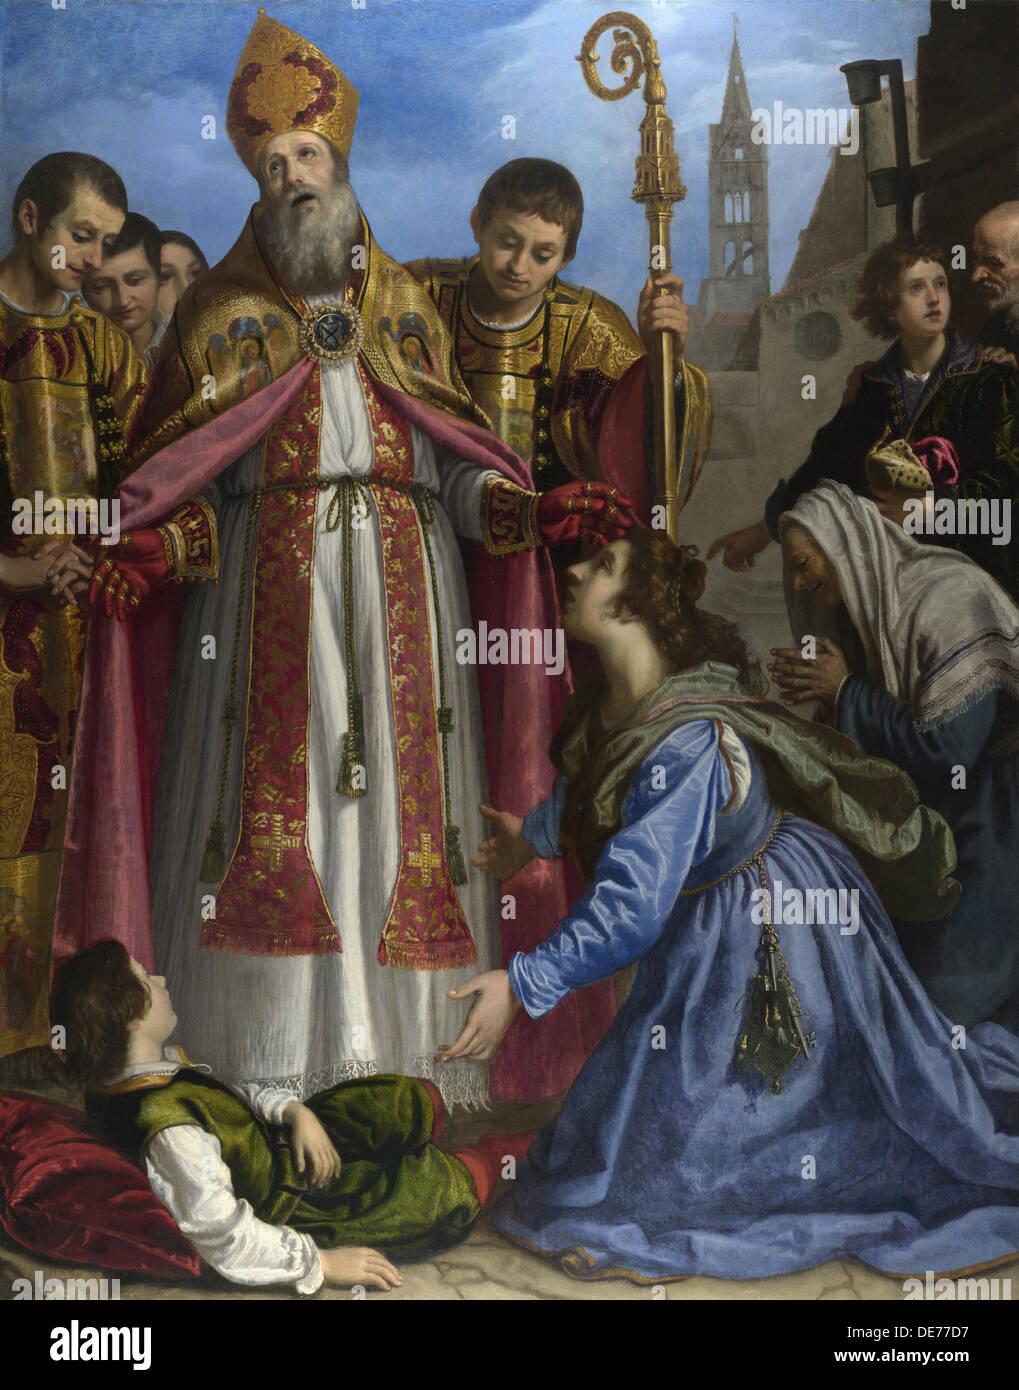 Saint Zenobius revives a Dead Boy, c. 1615. Artist: Bilivert, Giovanni (1585-1644) - Stock Image